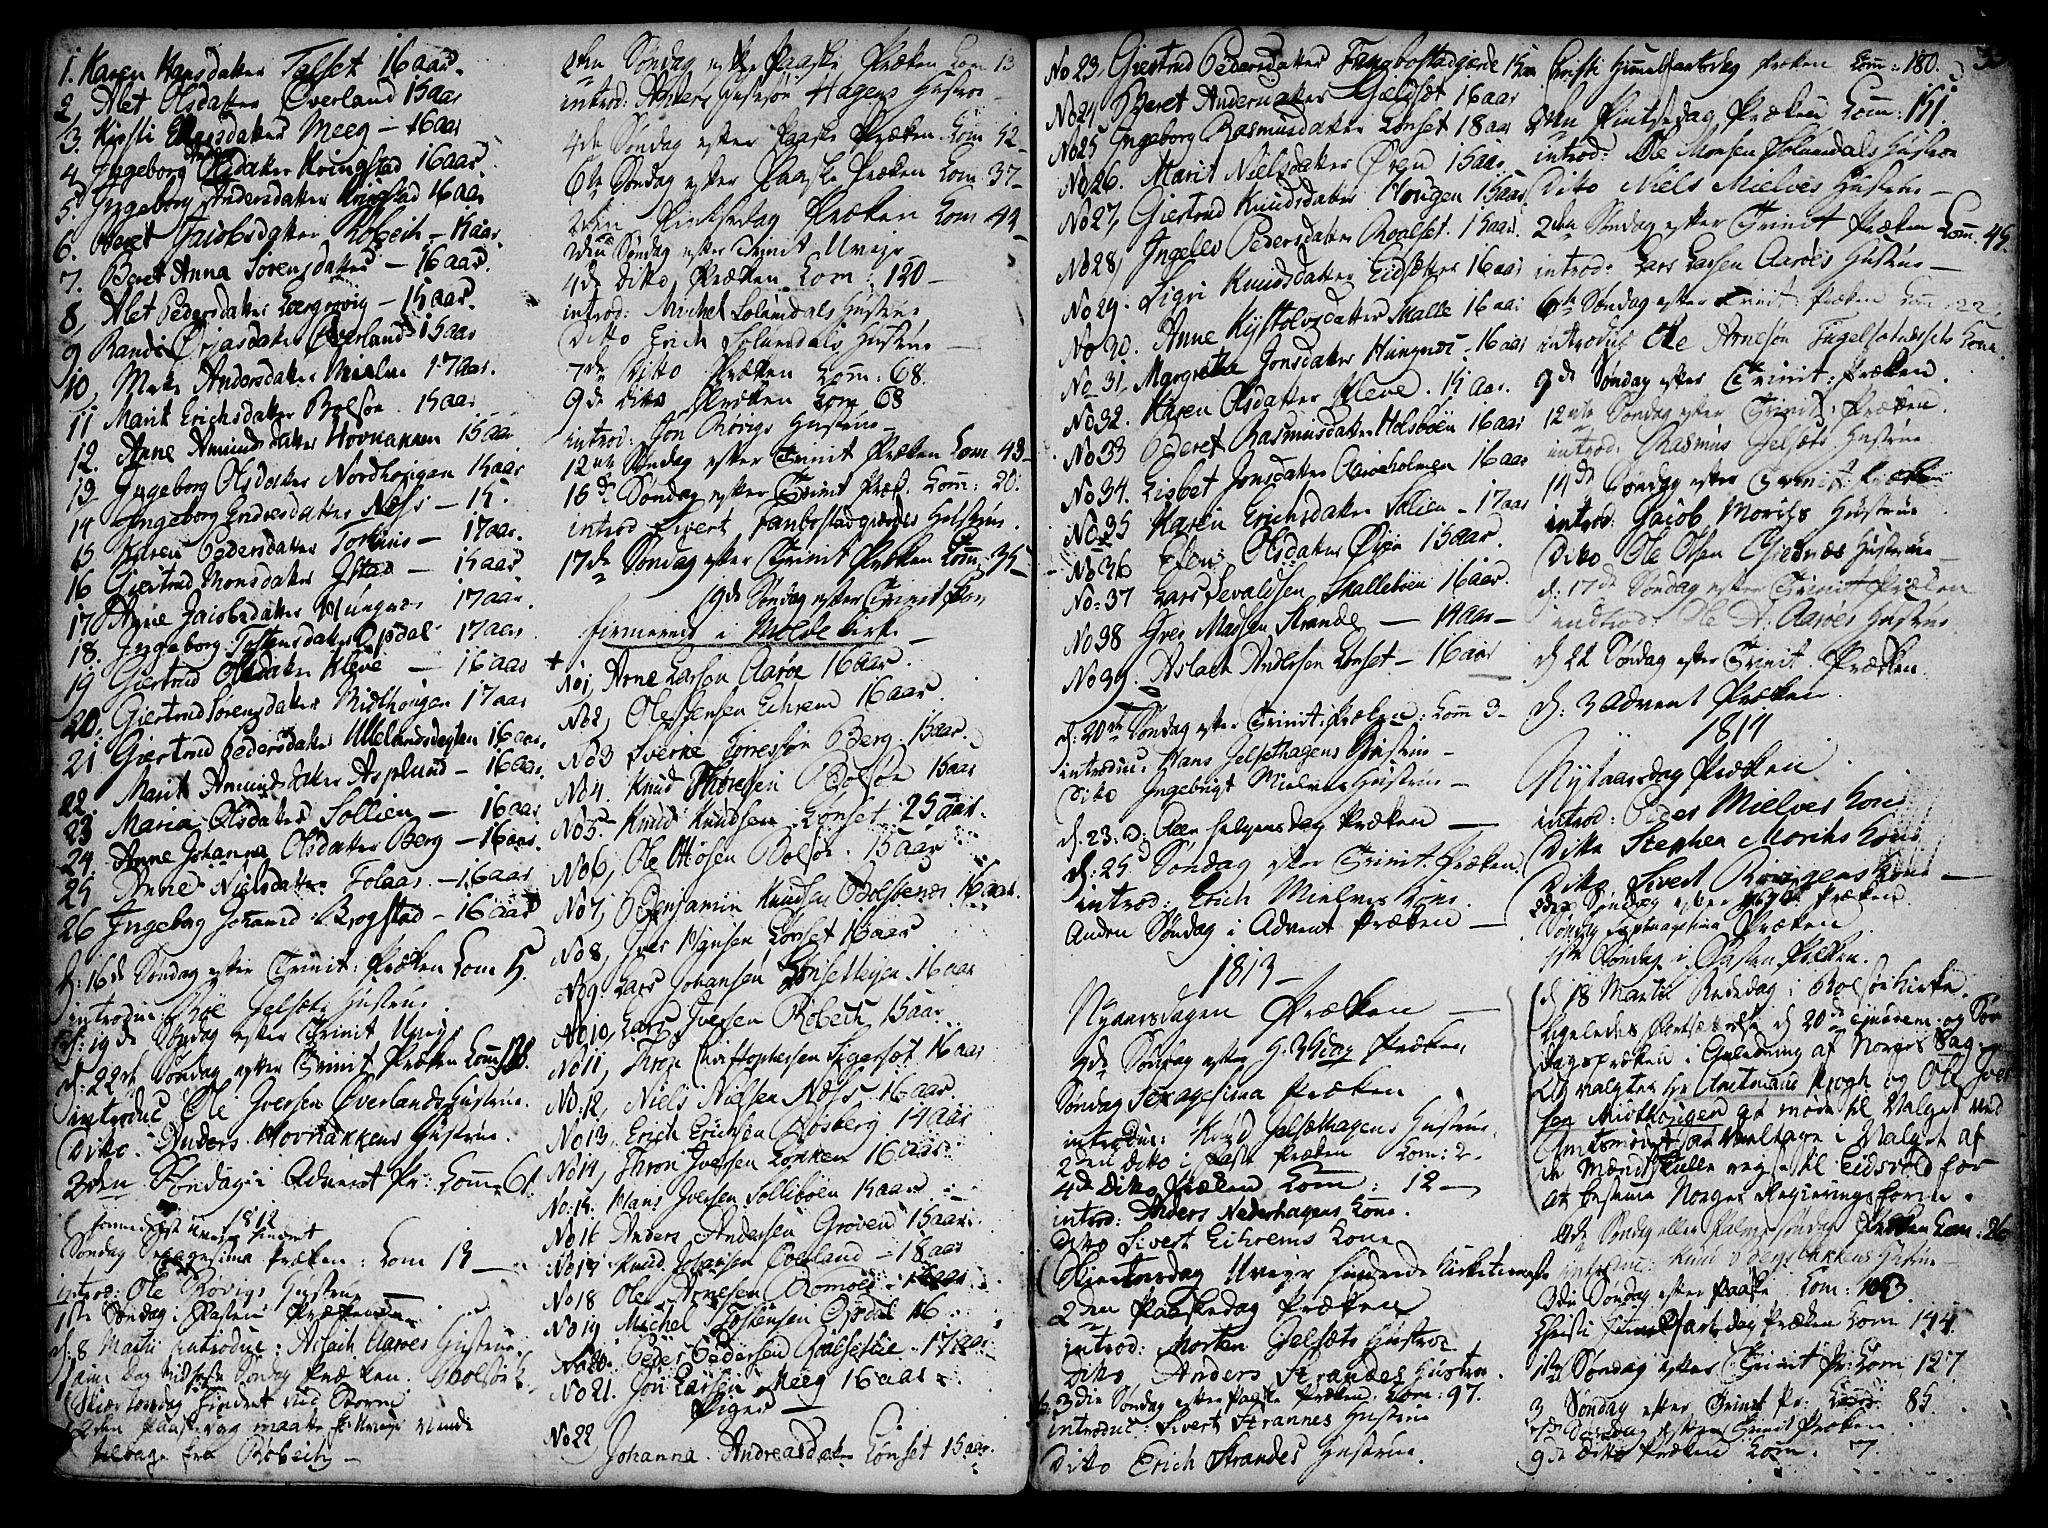 SAT, Ministerialprotokoller, klokkerbøker og fødselsregistre - Møre og Romsdal, 555/L0649: Ministerialbok nr. 555A02 /1, 1795-1821, s. 35